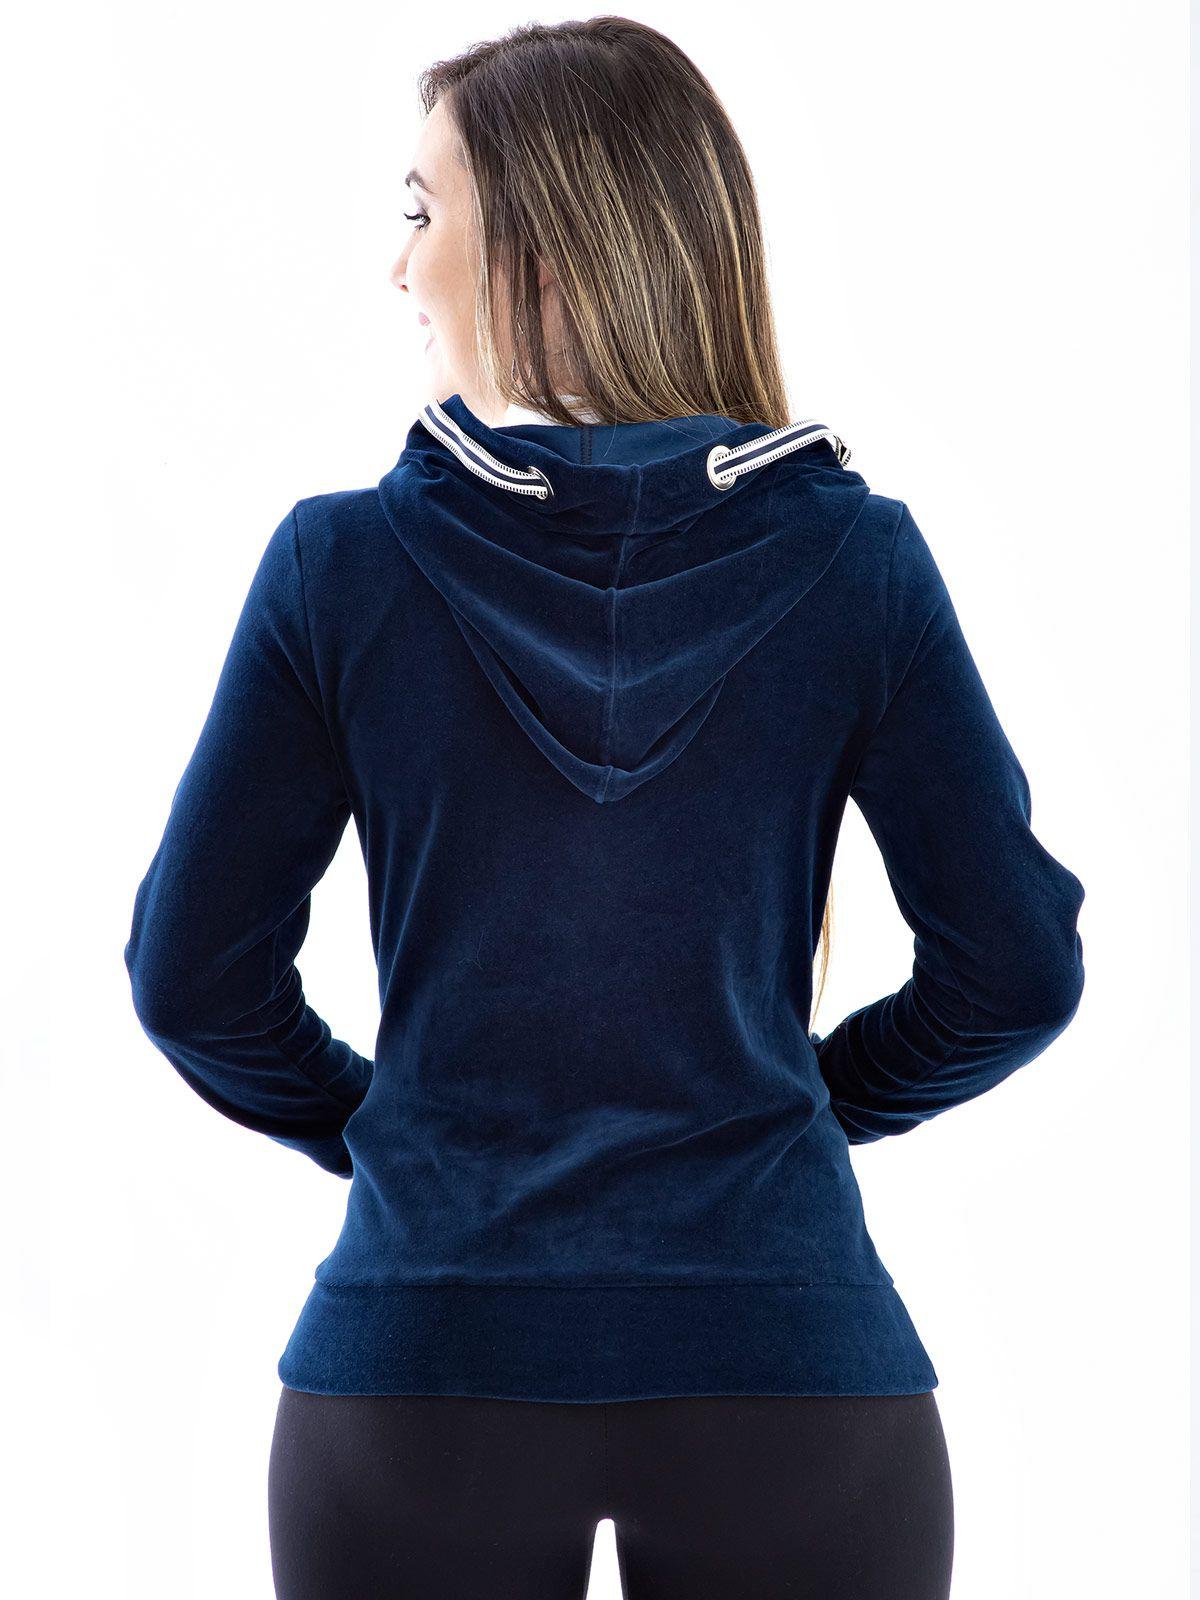 Blusa de Plush Anistia Ilhois no Capuz Azul Marinho